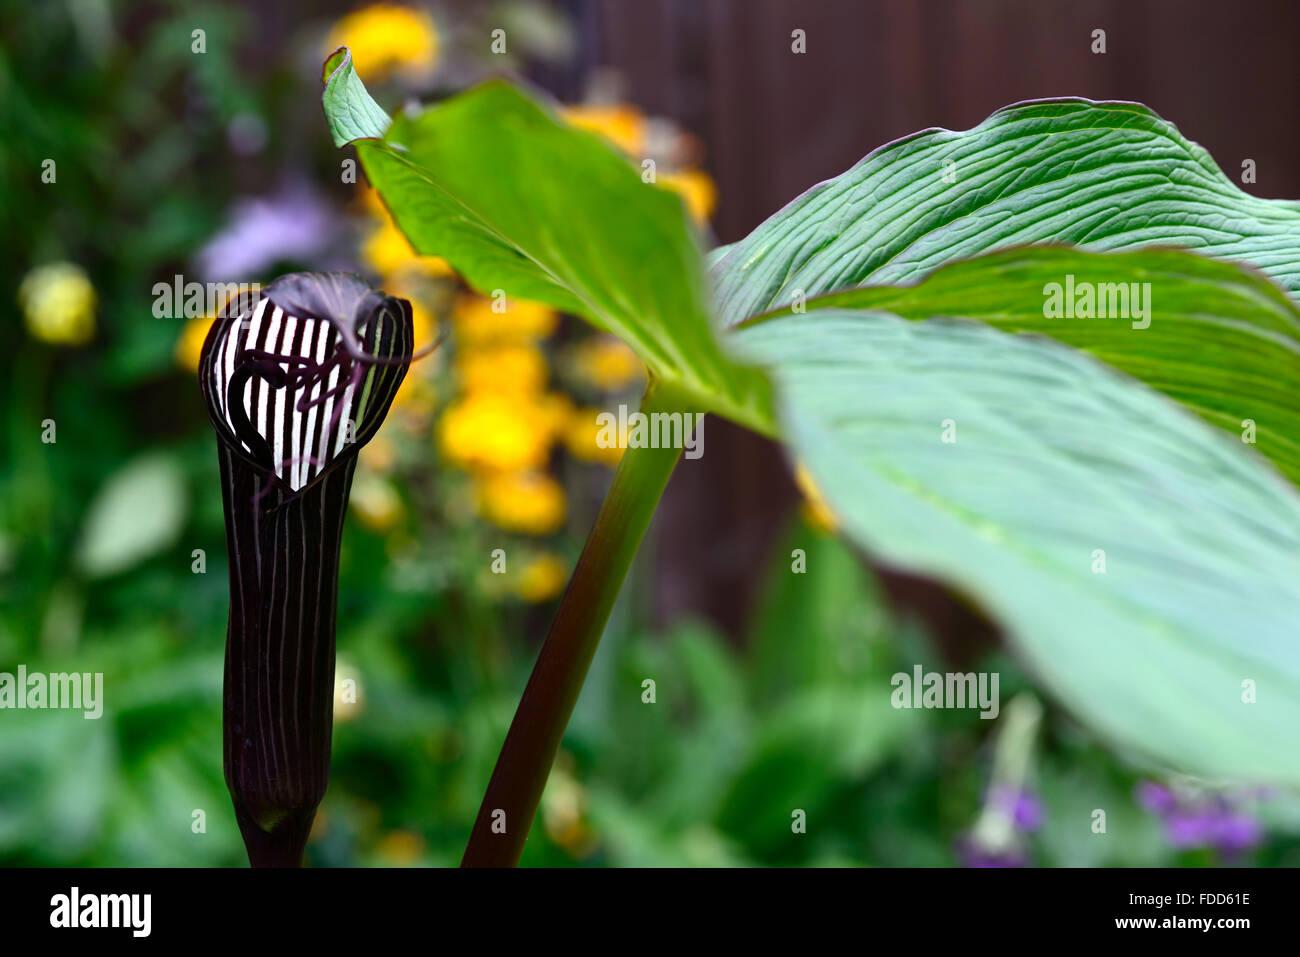 Arisaema Candidissimum Or Cobra Lily Stock Photos Arisaema